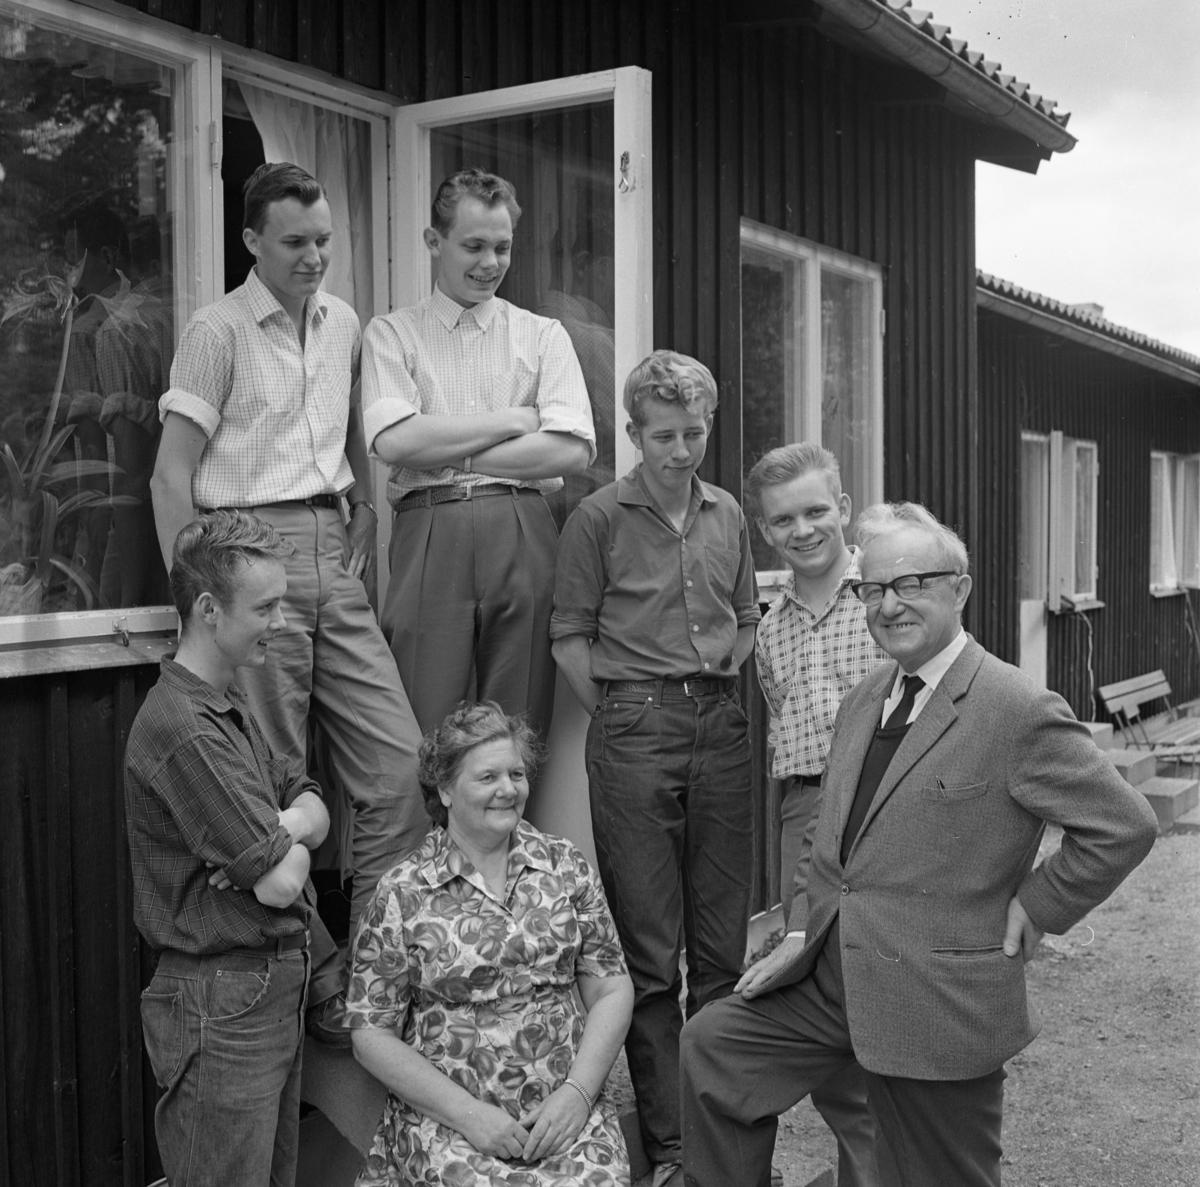 Elevhemmet vid Ekbacken, internat för elever på yrkesskolan. Bakre raden, från vänster: Reinhold Nordlöf, Lars Finnström, Elf Karlsson och Jan-Olov Blomkvist Elevhemmet drevs av KFUM på uppdrag av CVA. Startade 1948 och lades ner 1969. Främre raden, från vänster: Holger Plan, Tekla Isaksson (husmor) och Werner Larsson (föreståndare)